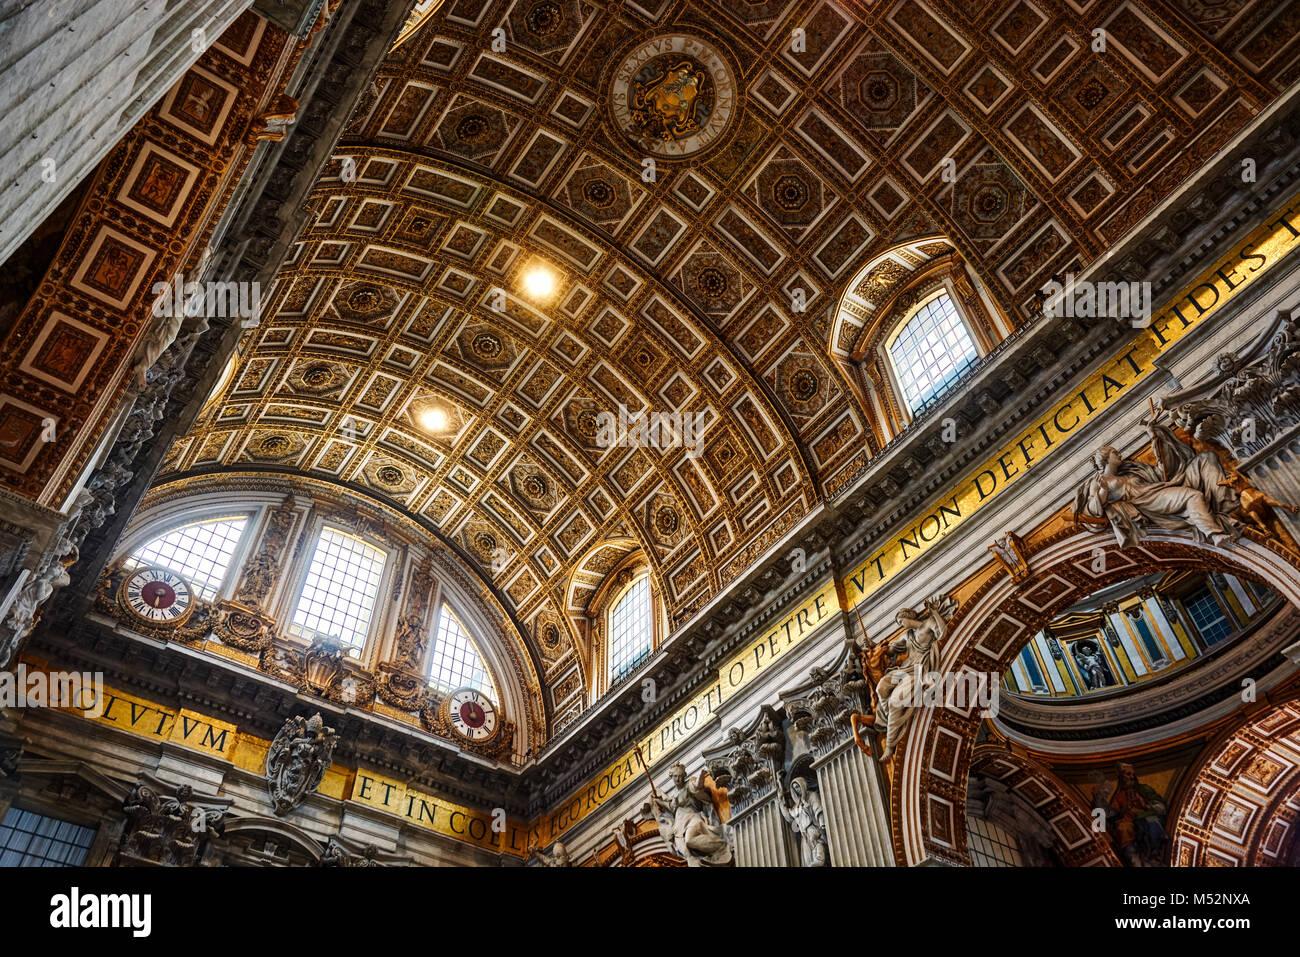 Città del Vaticano - Vaticano - 17 Maggio 2017: vista interna della Basilica di San Pietro in Vaticano. Immagini Stock